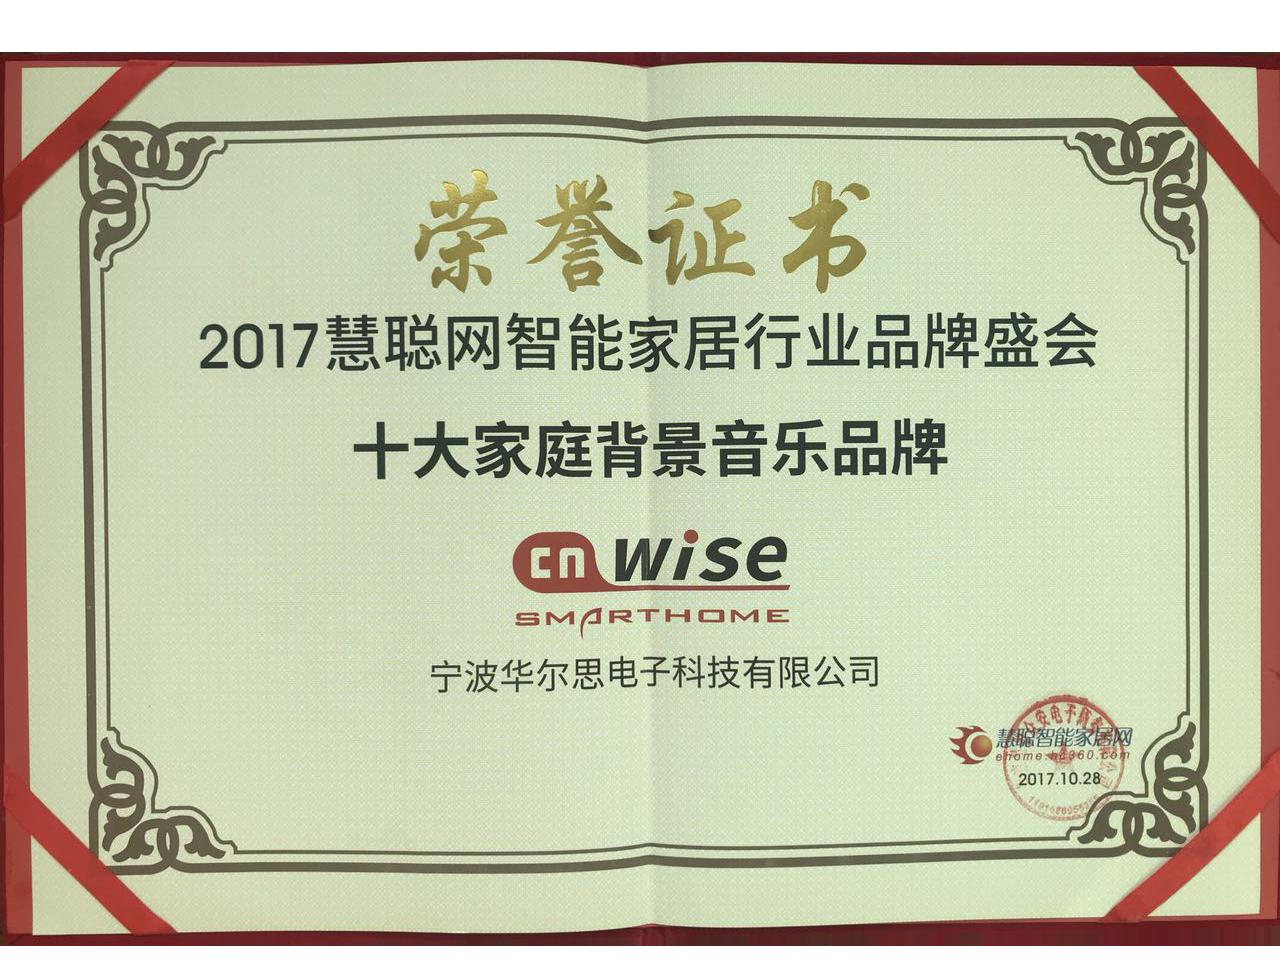 华尔思获得十大家庭背景音乐品牌奖杯与奖状